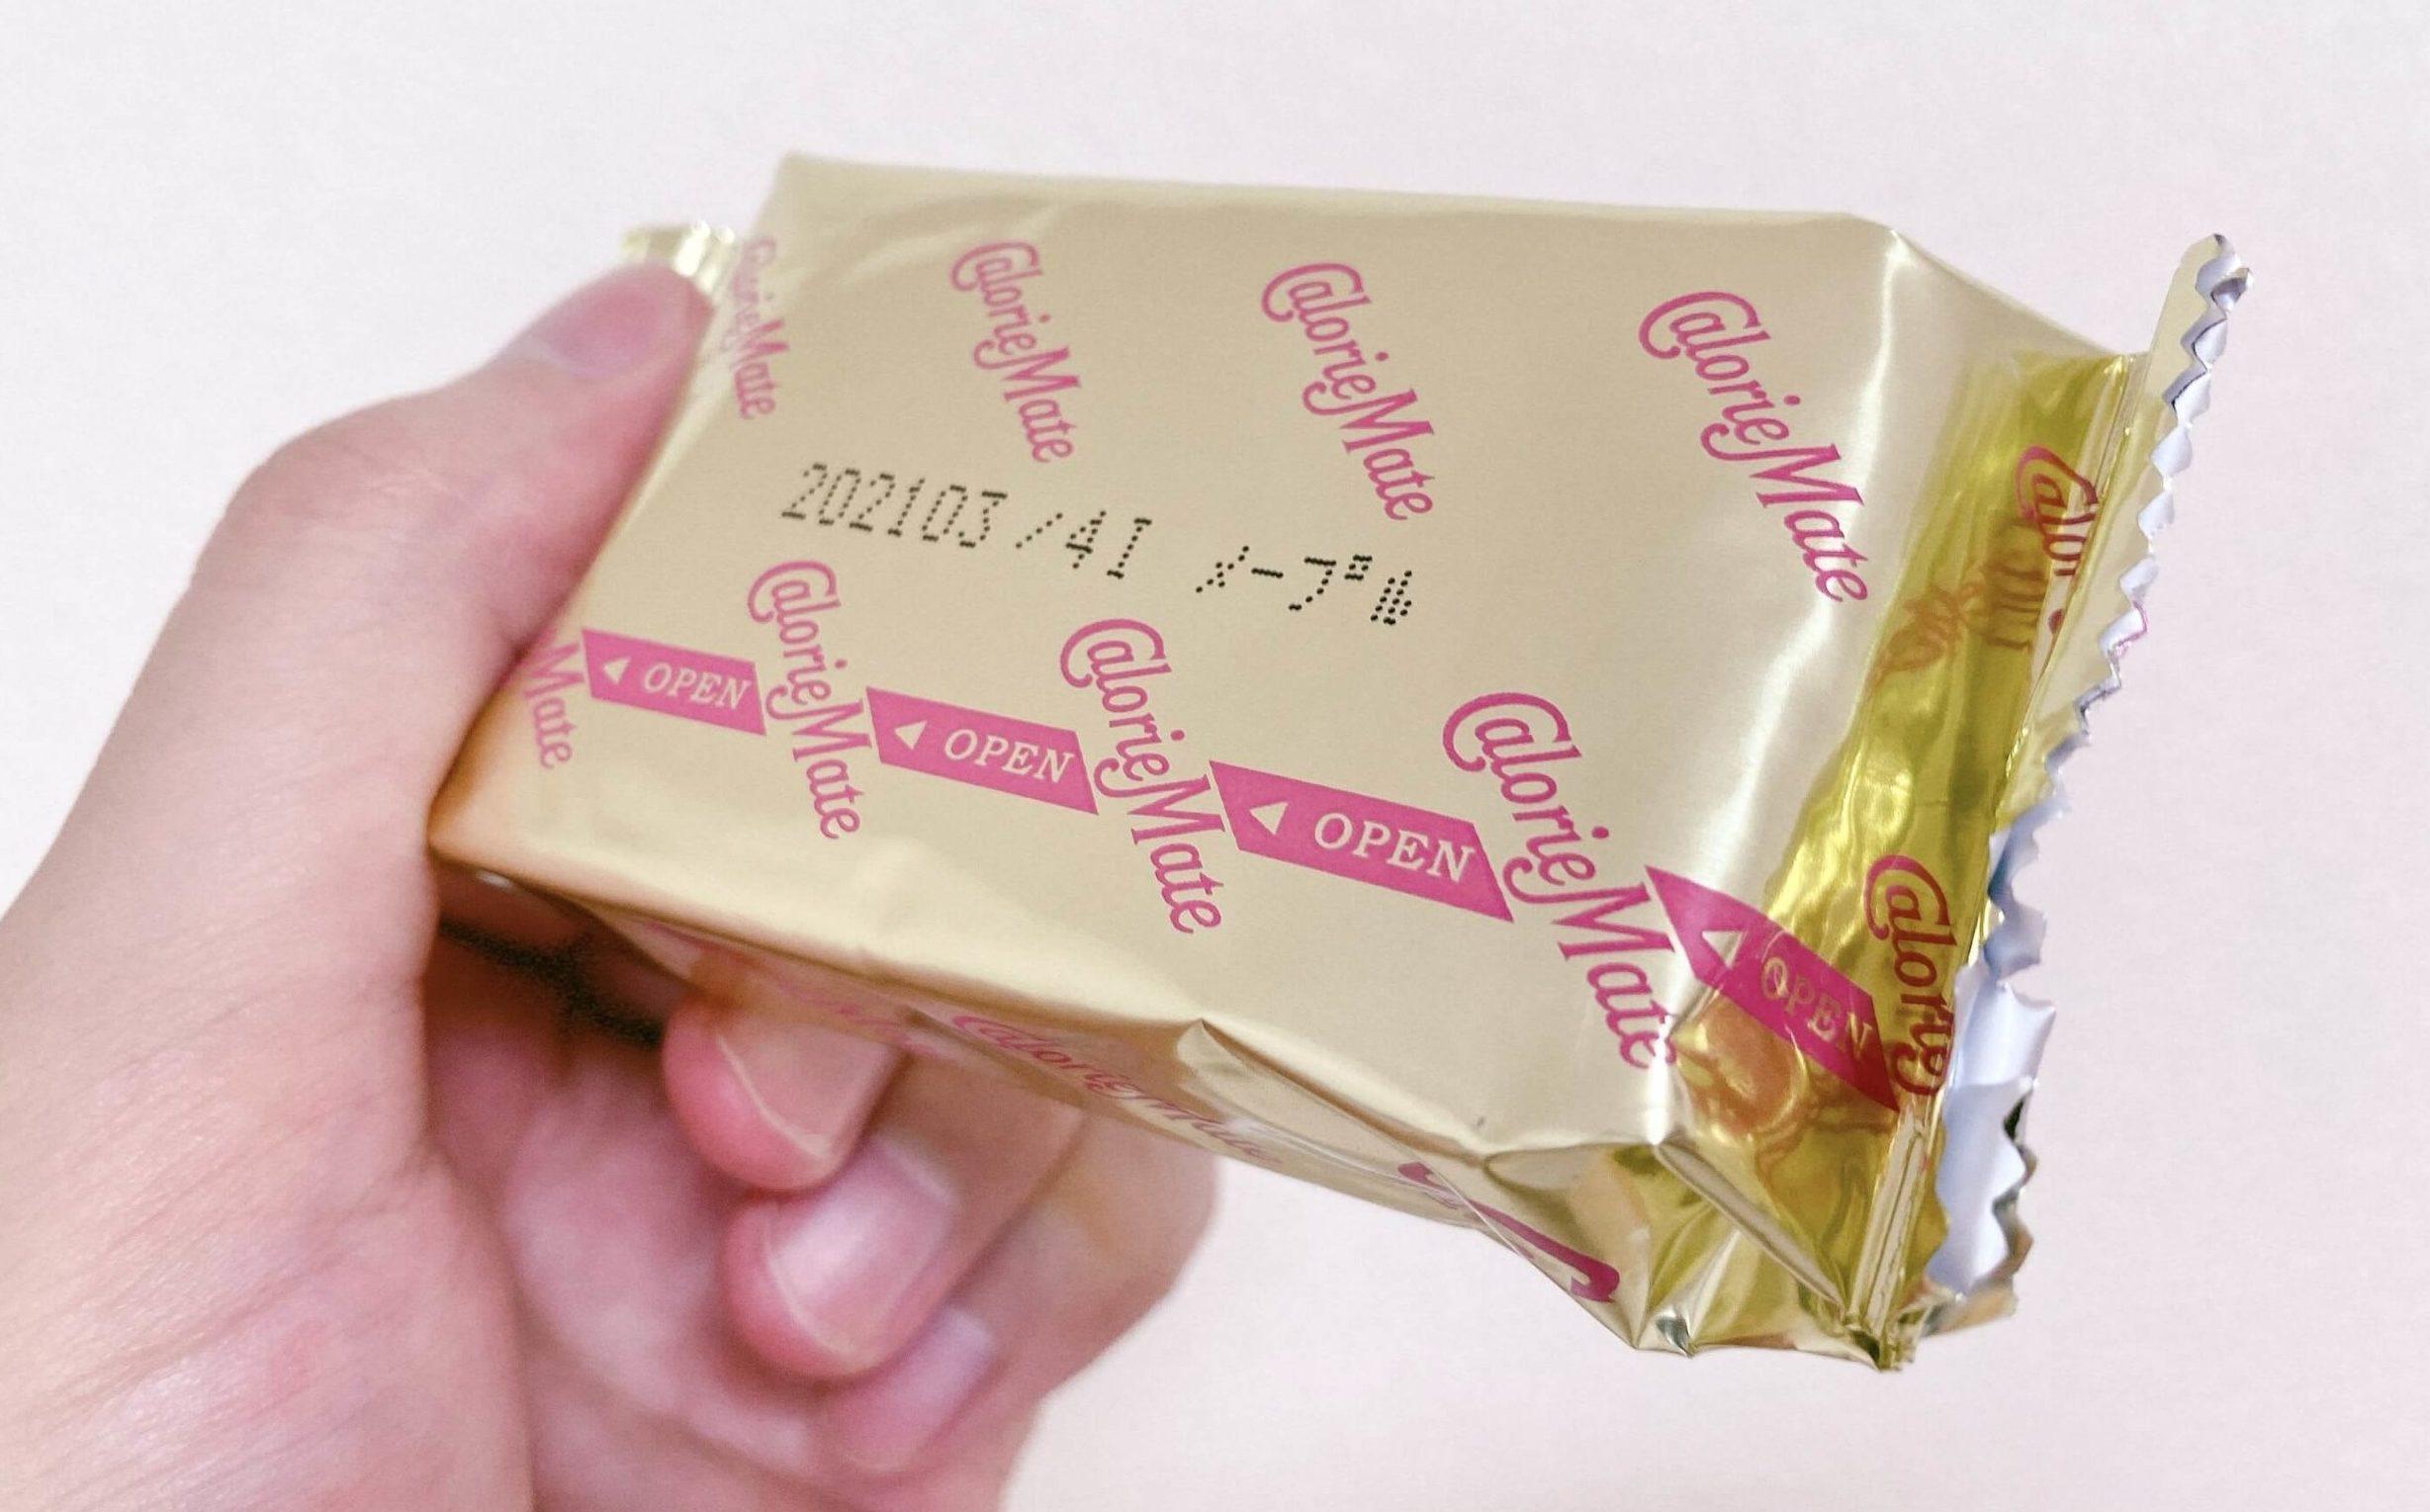 カロリーメイトの包装に記載された賞味期限